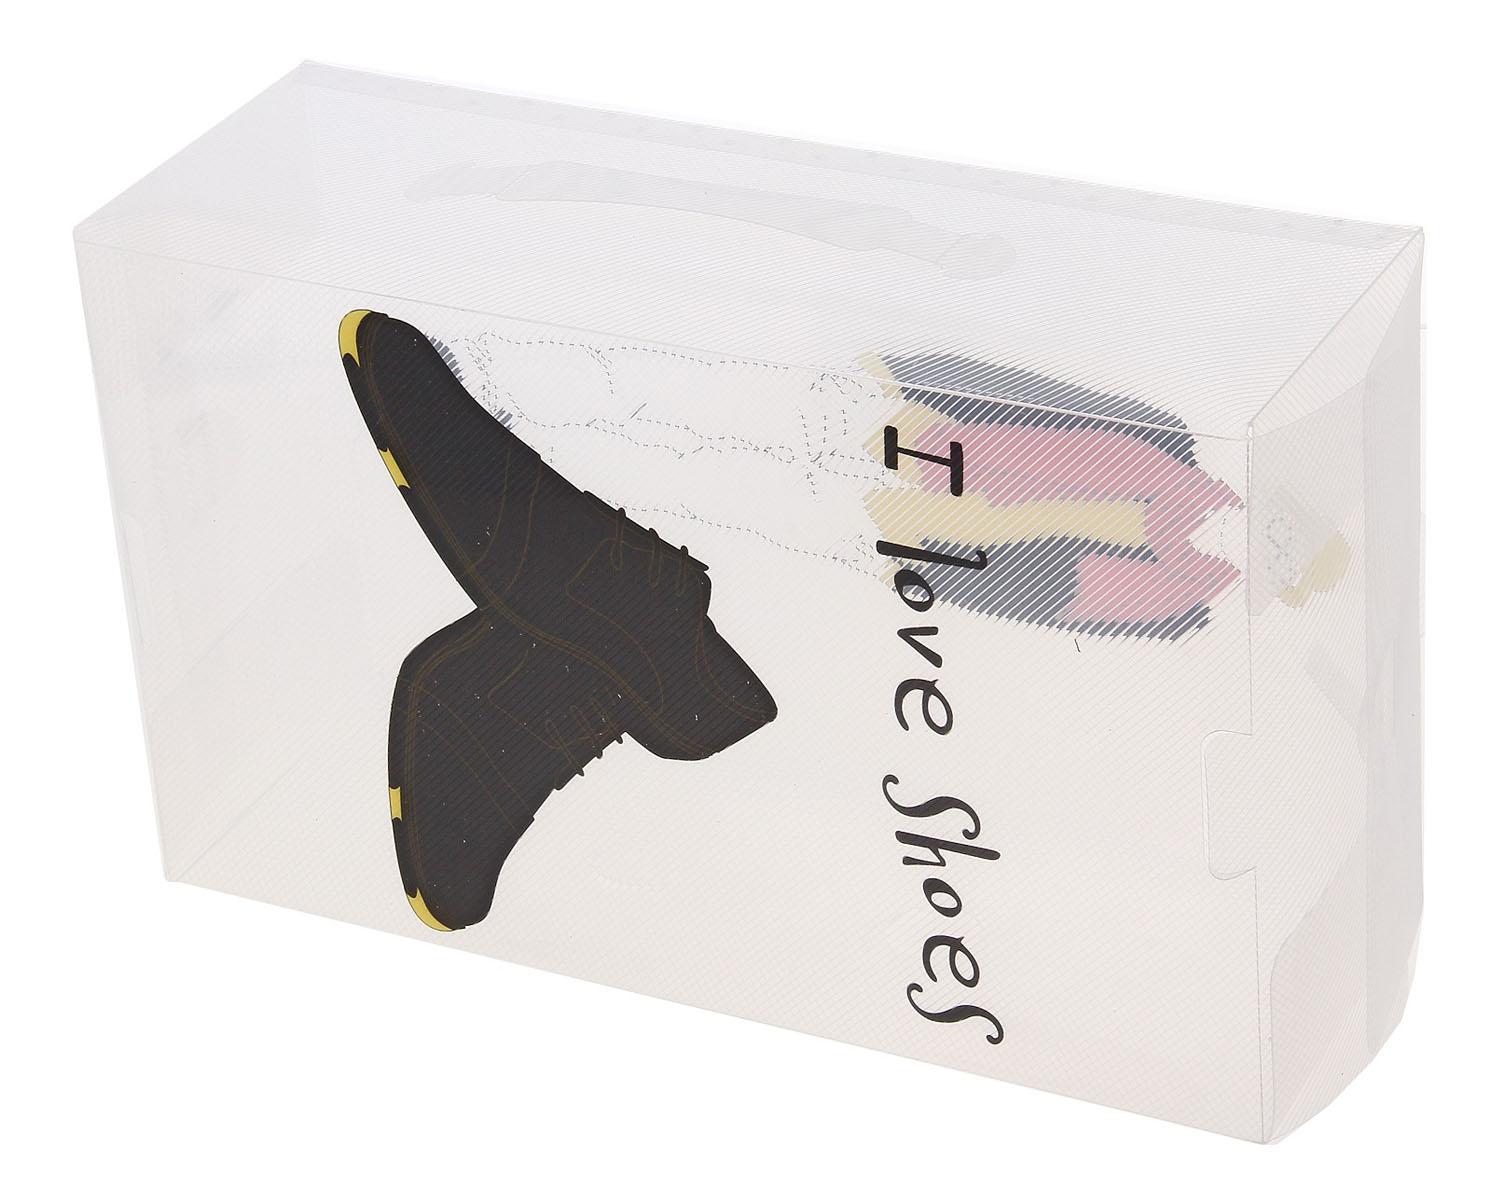 Короб для хранения обуви Sima-land Джентльмен, с ручкой, 33 см х 20 см х 12 см709939Короб для хранения обуви Sima-land Джентльмен изготовлен из высококачественного пластика. Короб украшен двусторонней картинкой.Предназначен короб для хранения обуви. Короб защищает обувь от пыли и царапин. Благодаря полупрозрачной конструкции вы всегда сможете узнать, что находится внутри, а, значит, при необходимости найти нужную пару. Короба можно укладывать несколько рядов, за счет жёсткости конструкции обеспечивающей экономию места и полный порядок в шкафу и гардеробной. Наличие отверстий в коробе, обеспечит вентиляцию обуви. Для удобной транспортировки короб имеет ручку. Короб Sima-land Джентльмен обеспечит безопасное хранение вашей обуви. Размер короба: 33 см х 20 см х 12 см.